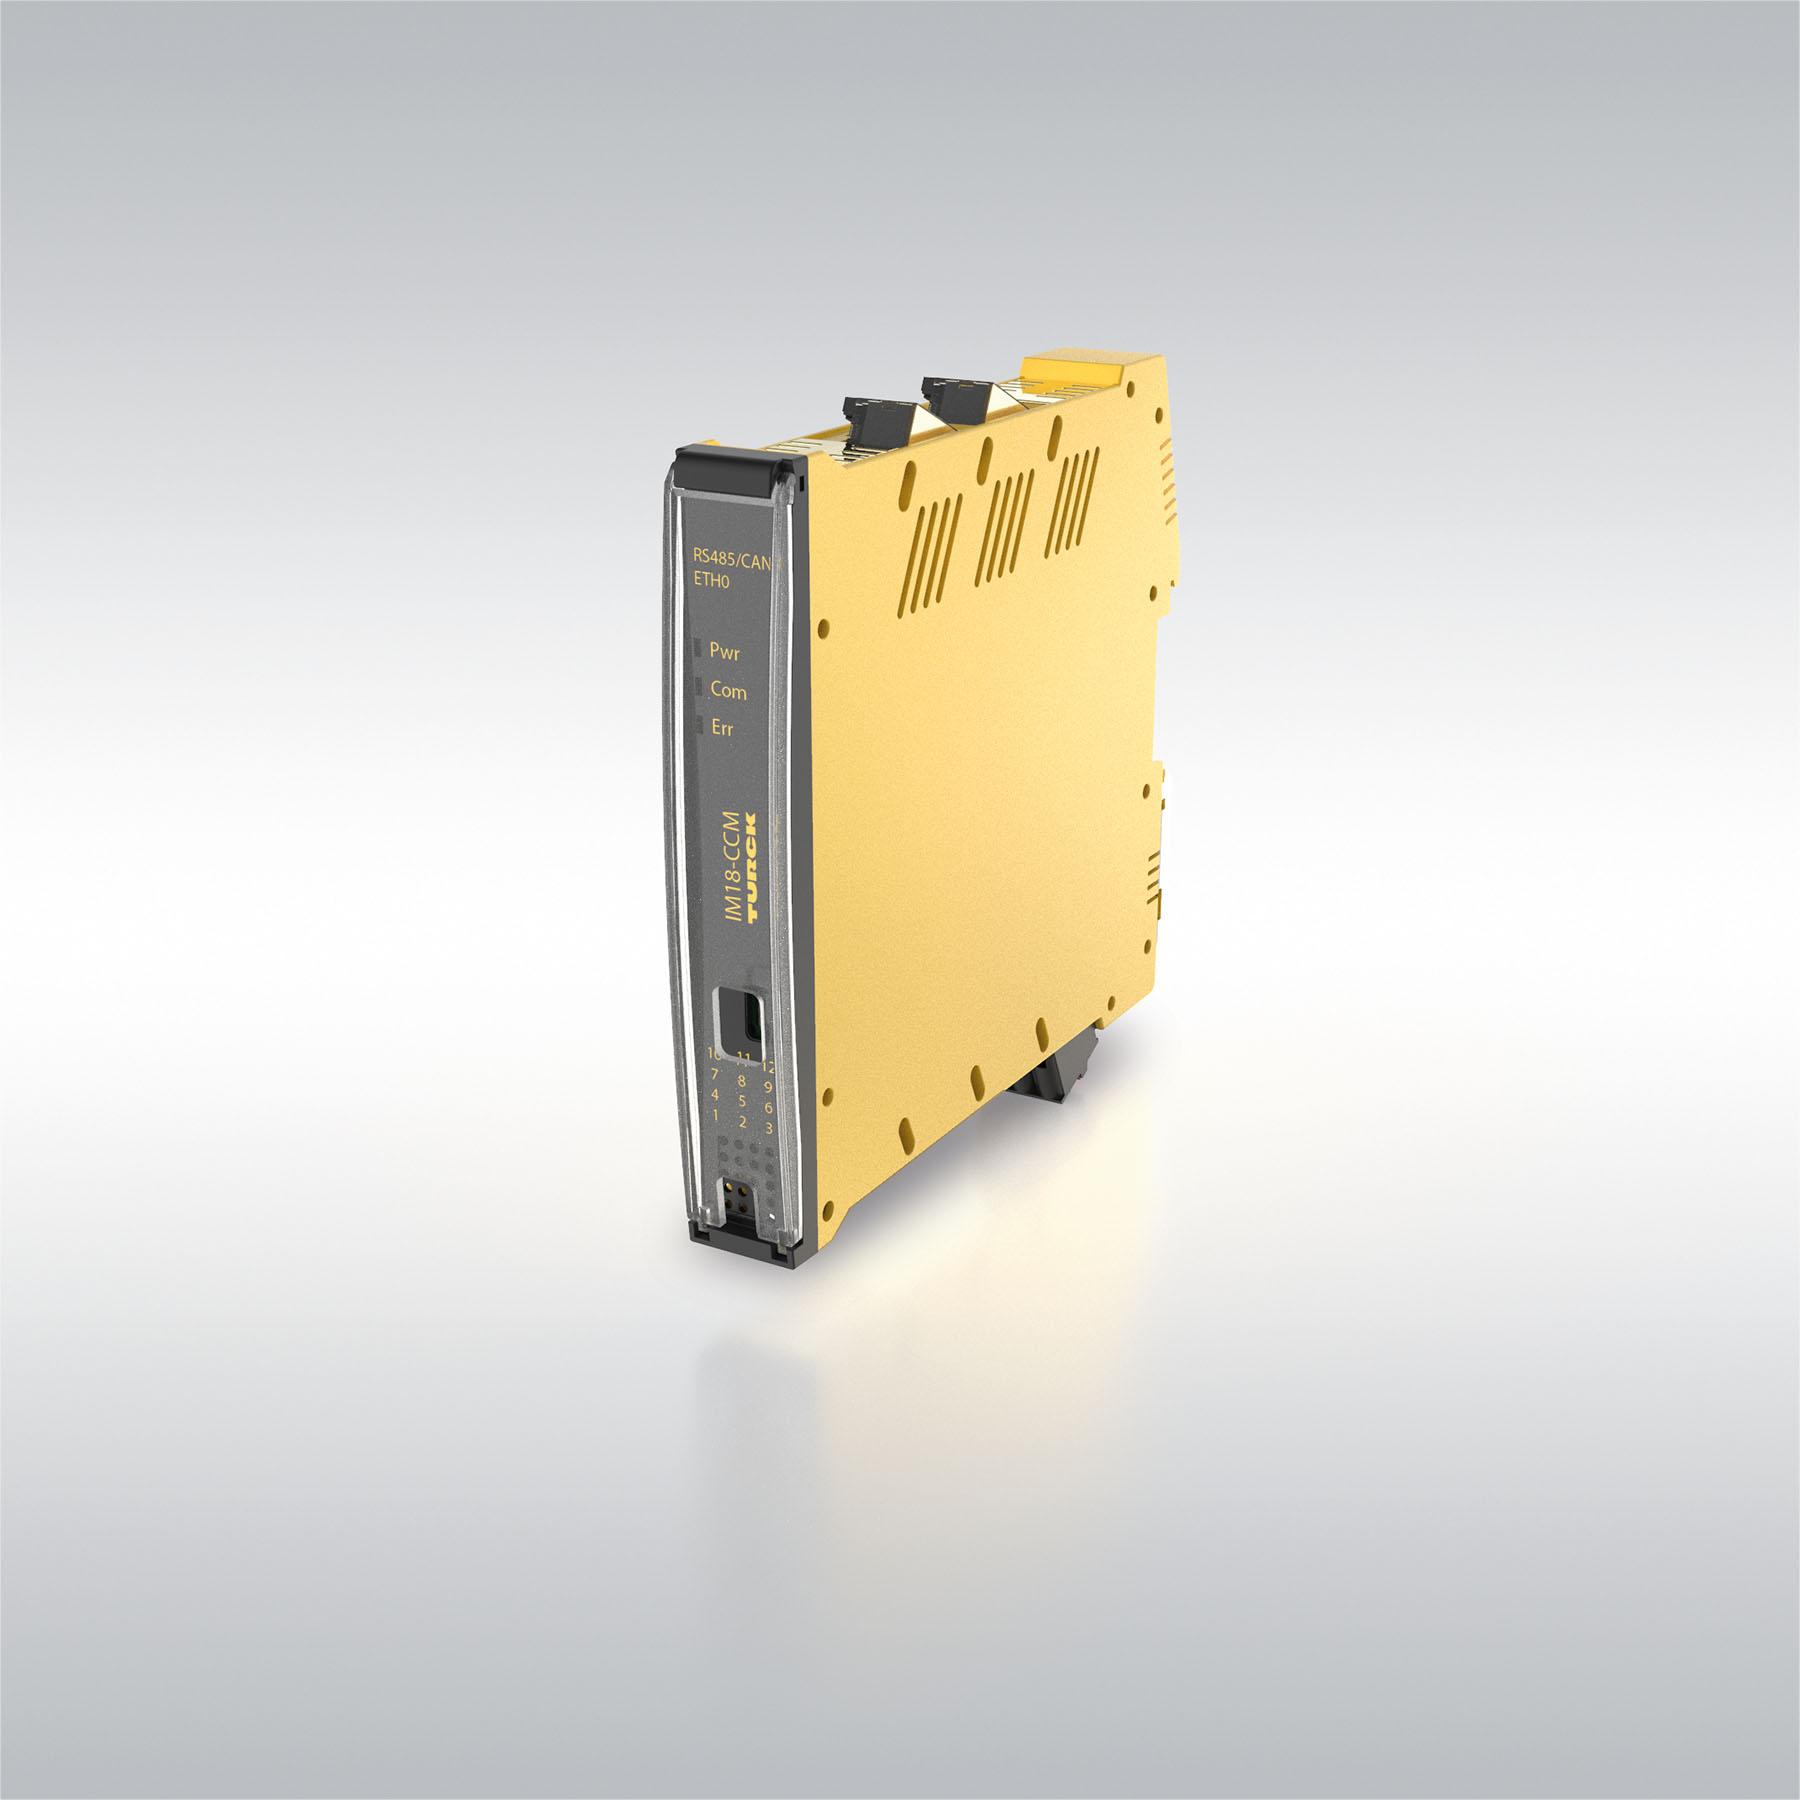 增强功能的控制柜保护模块